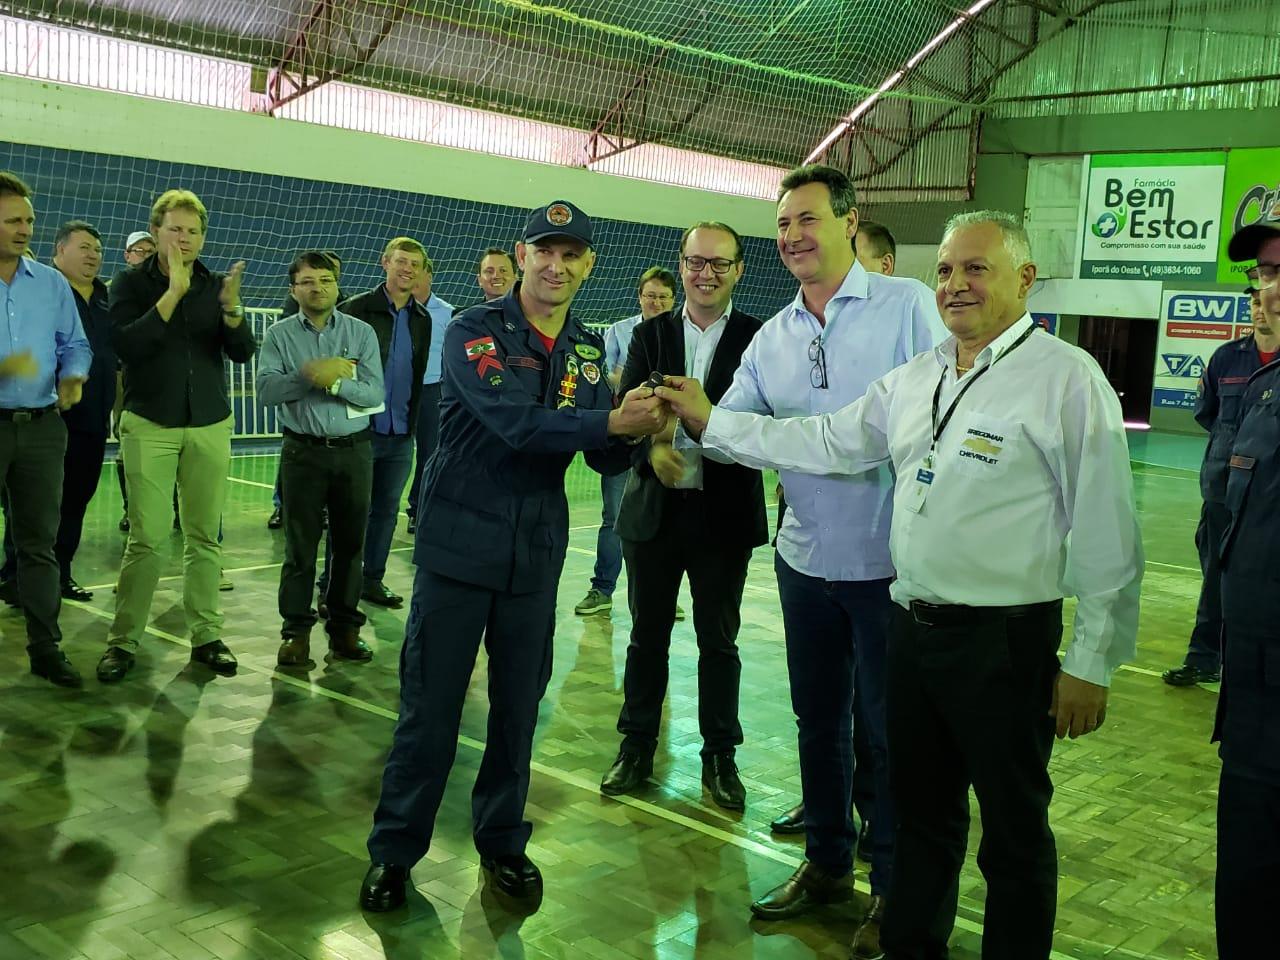 Corpo de Bombeiros de Iporã do Oeste promove solenidade de entrega de viaturas e equipamentos